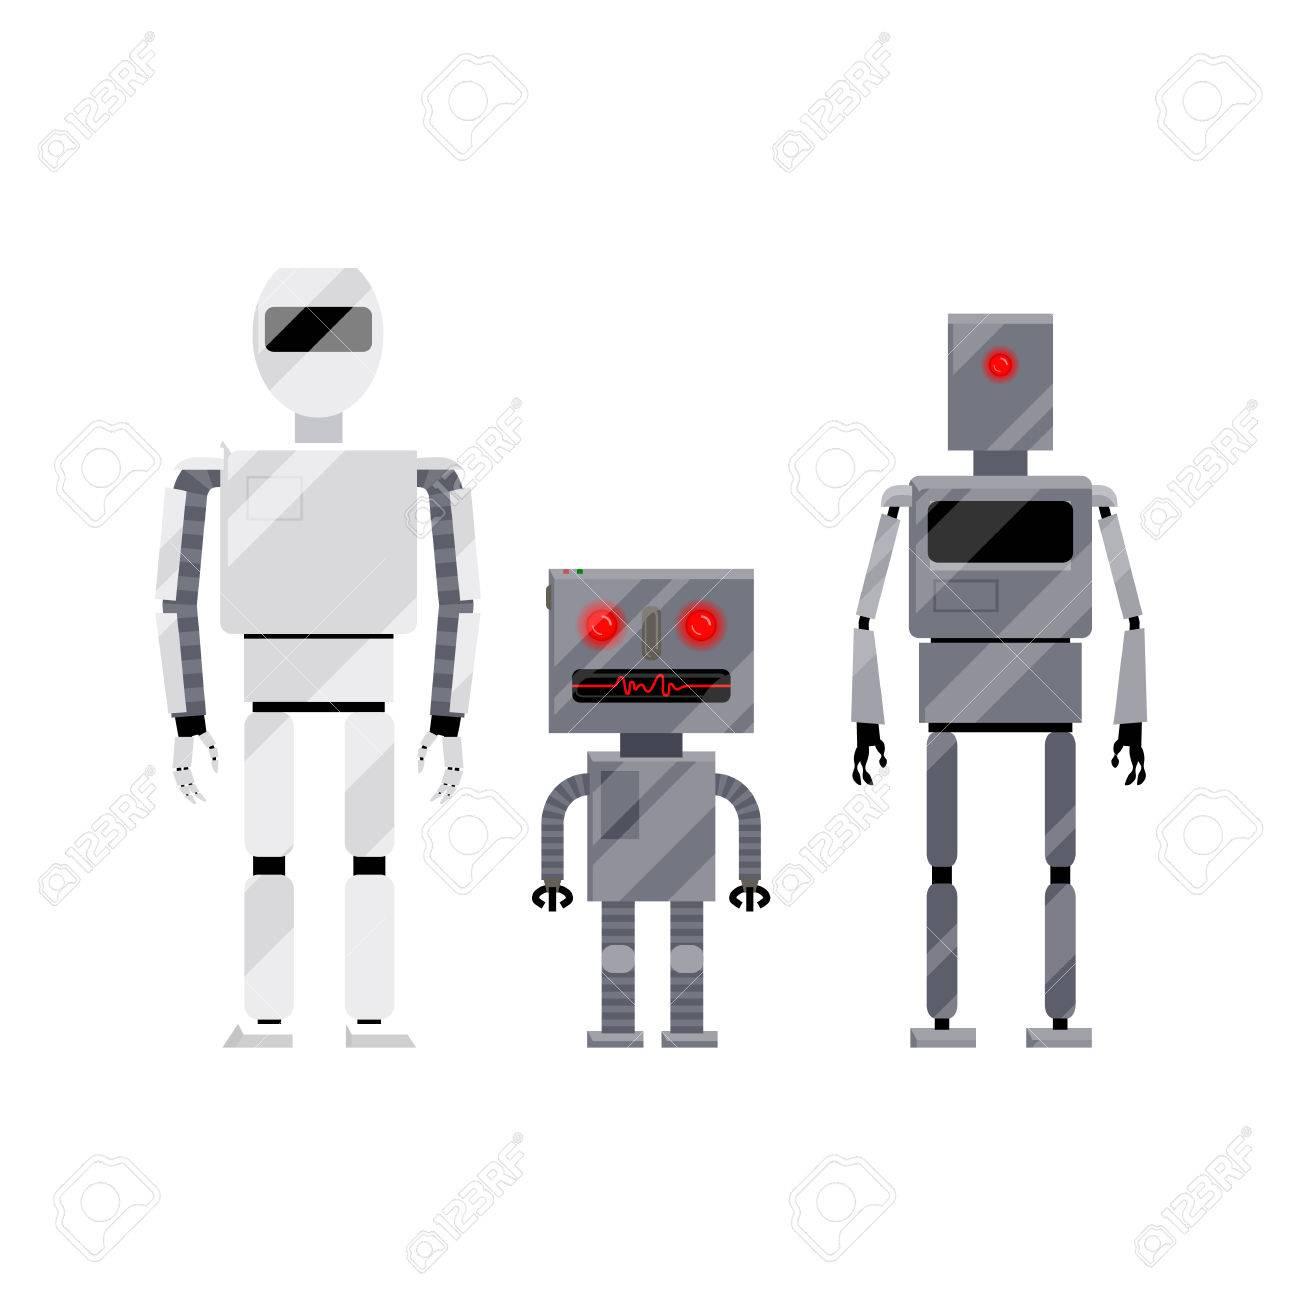 Vettoriale tre personaggi di robot stile moderno e retrò